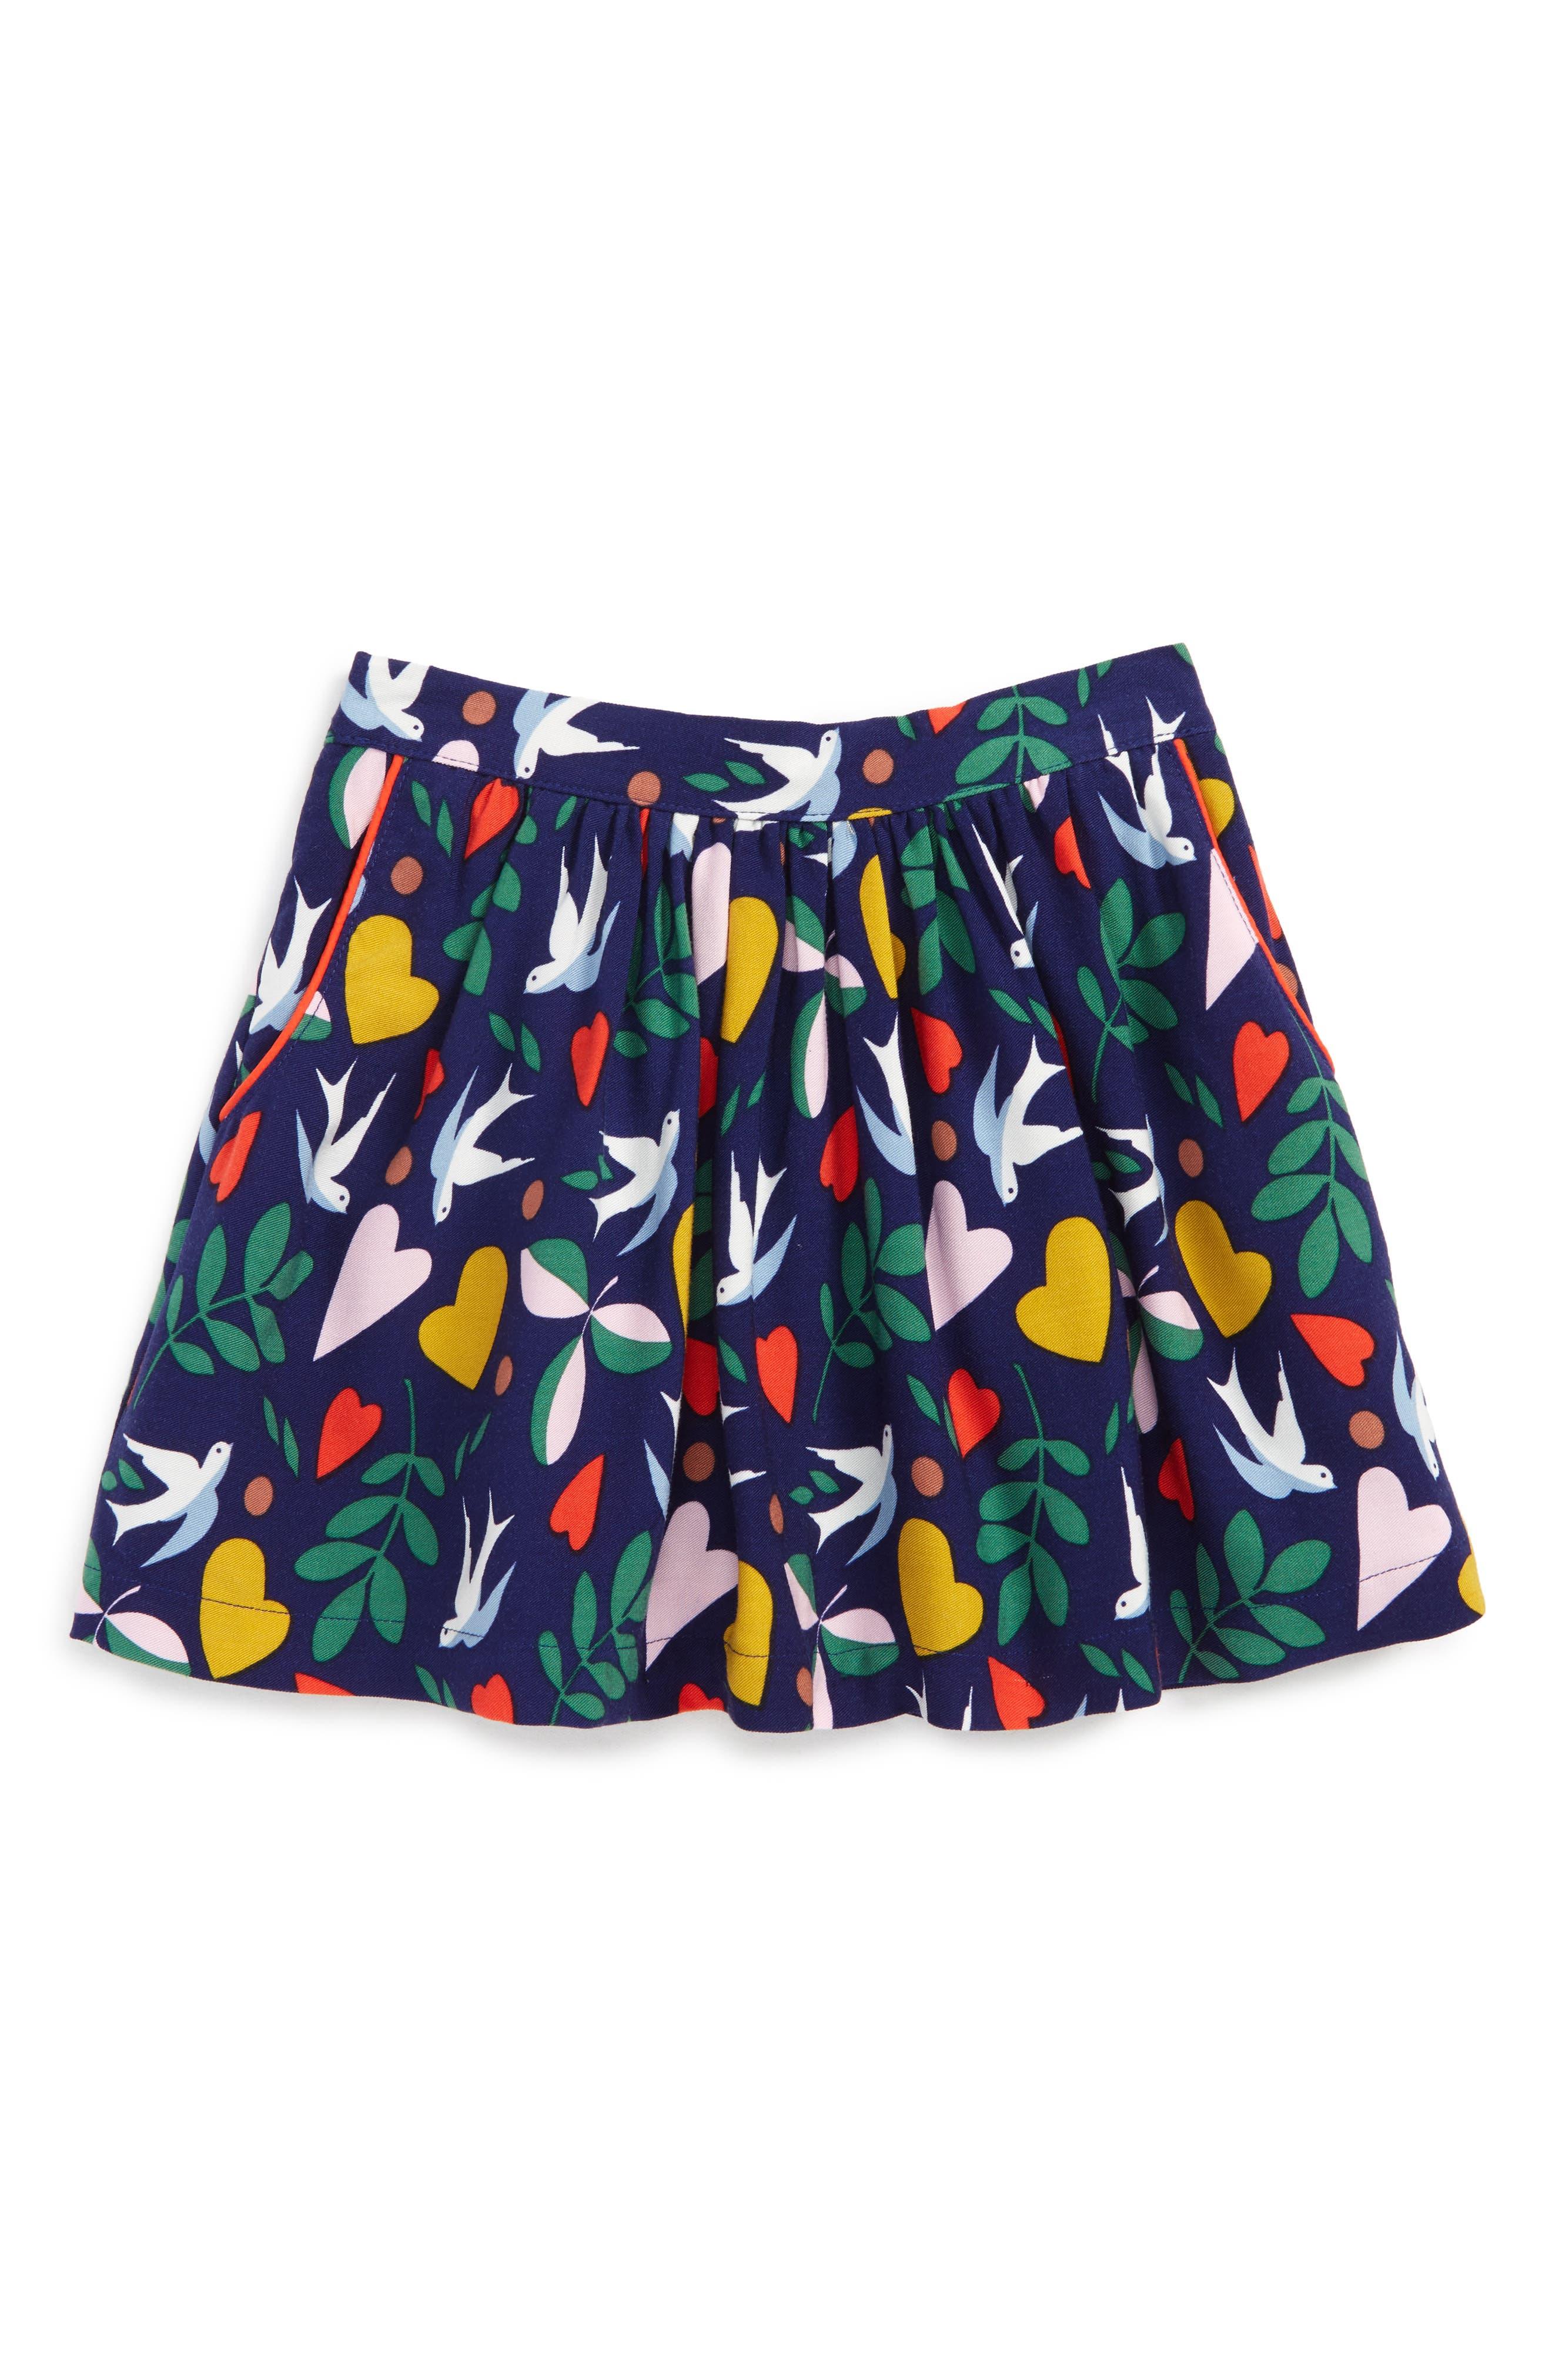 Alternate Image 1 Selected - Mini Boden Print Twirly Skirt (Toddler Girls, Little Girls & Big Girls)